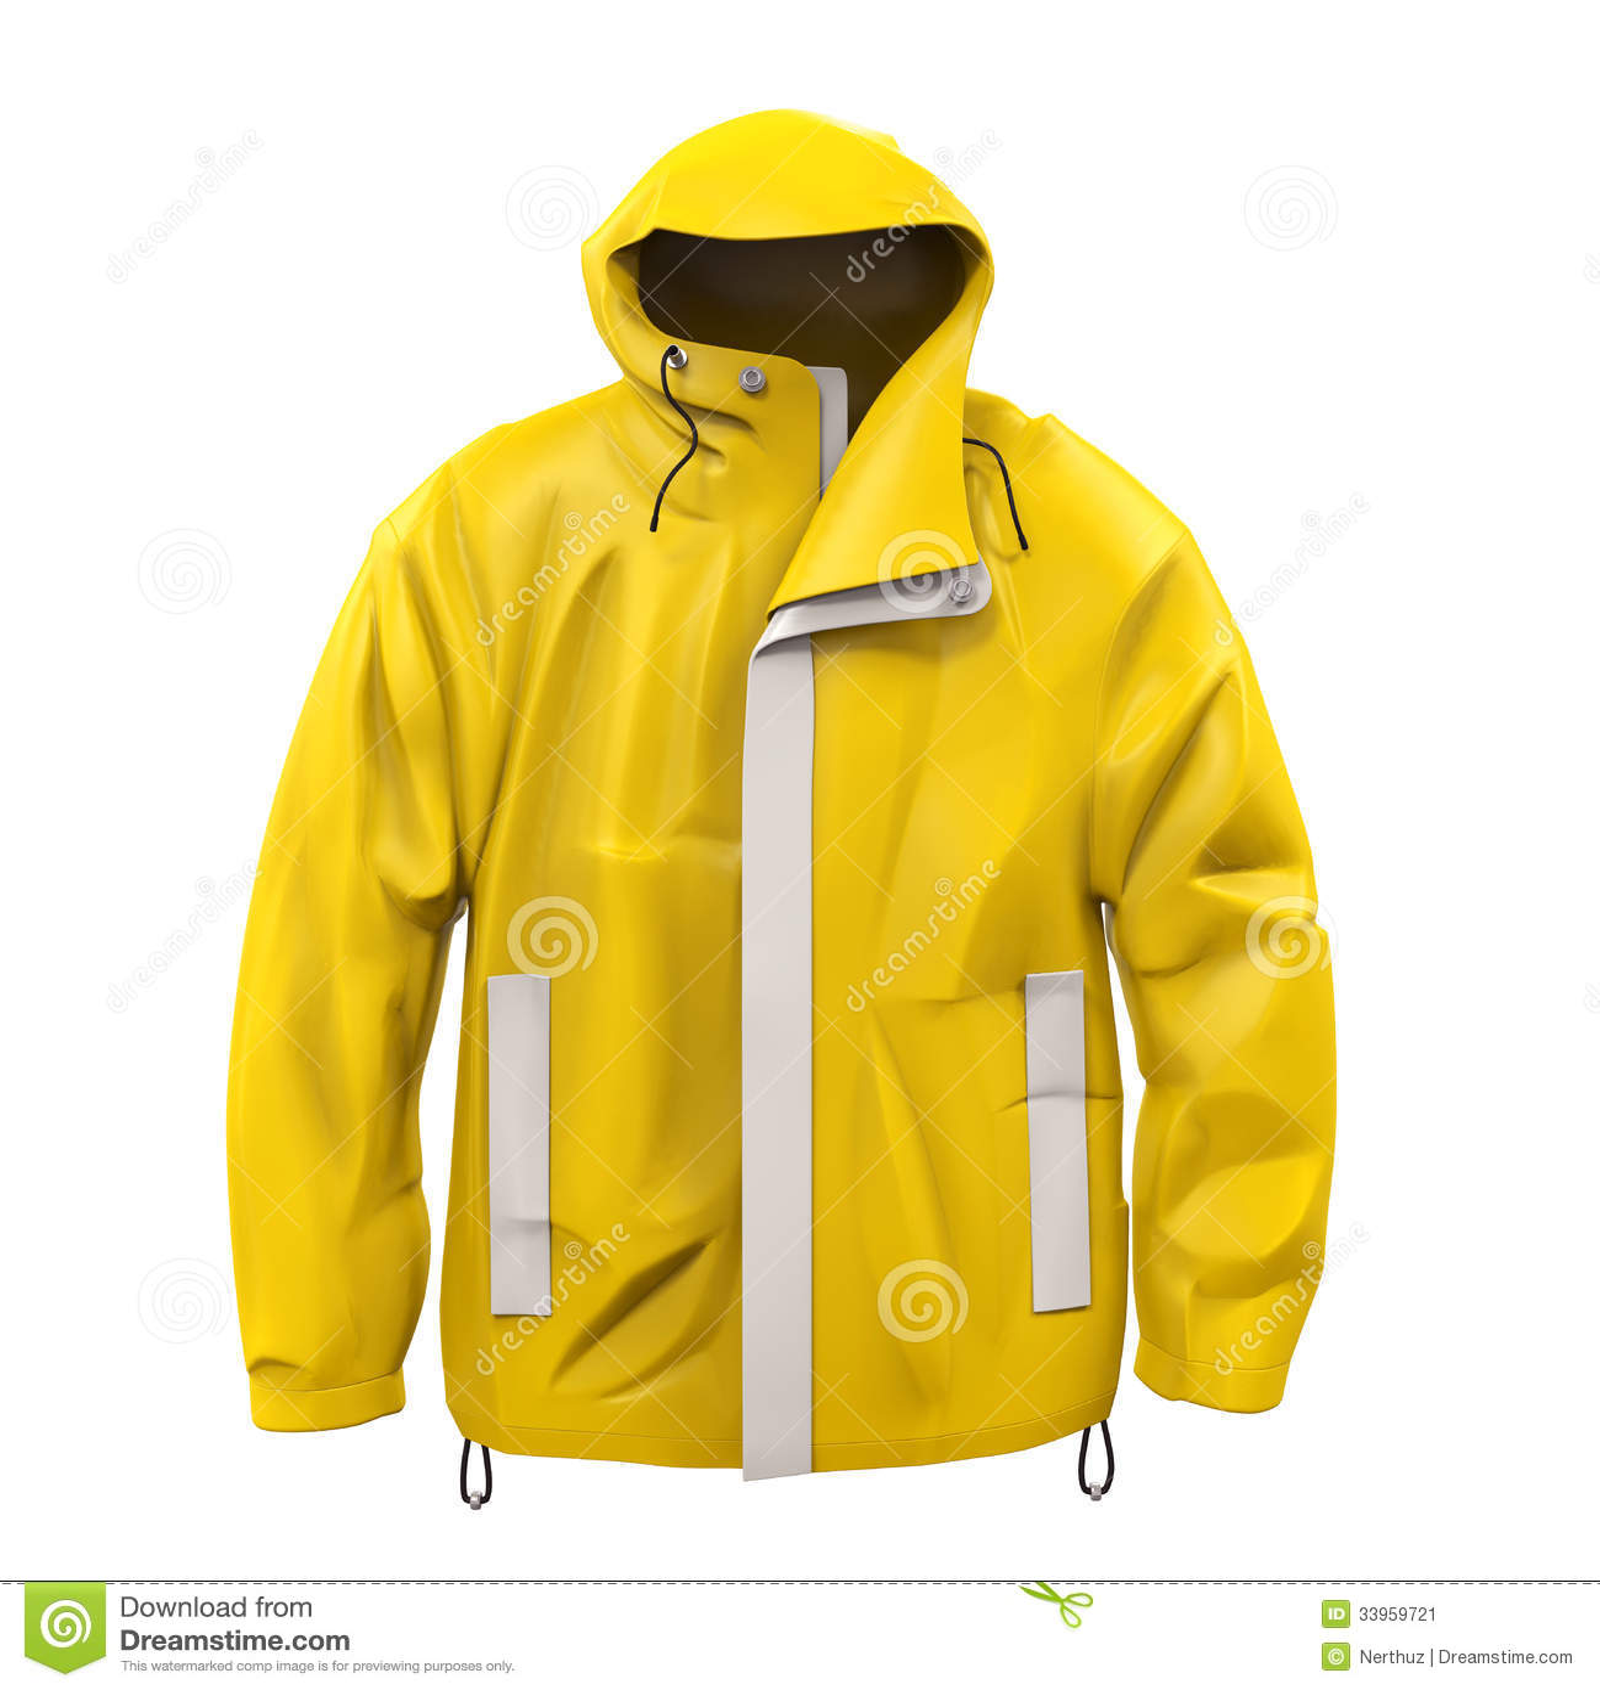 Rain Coat Clip Art Yellow Rain Coat Stock...